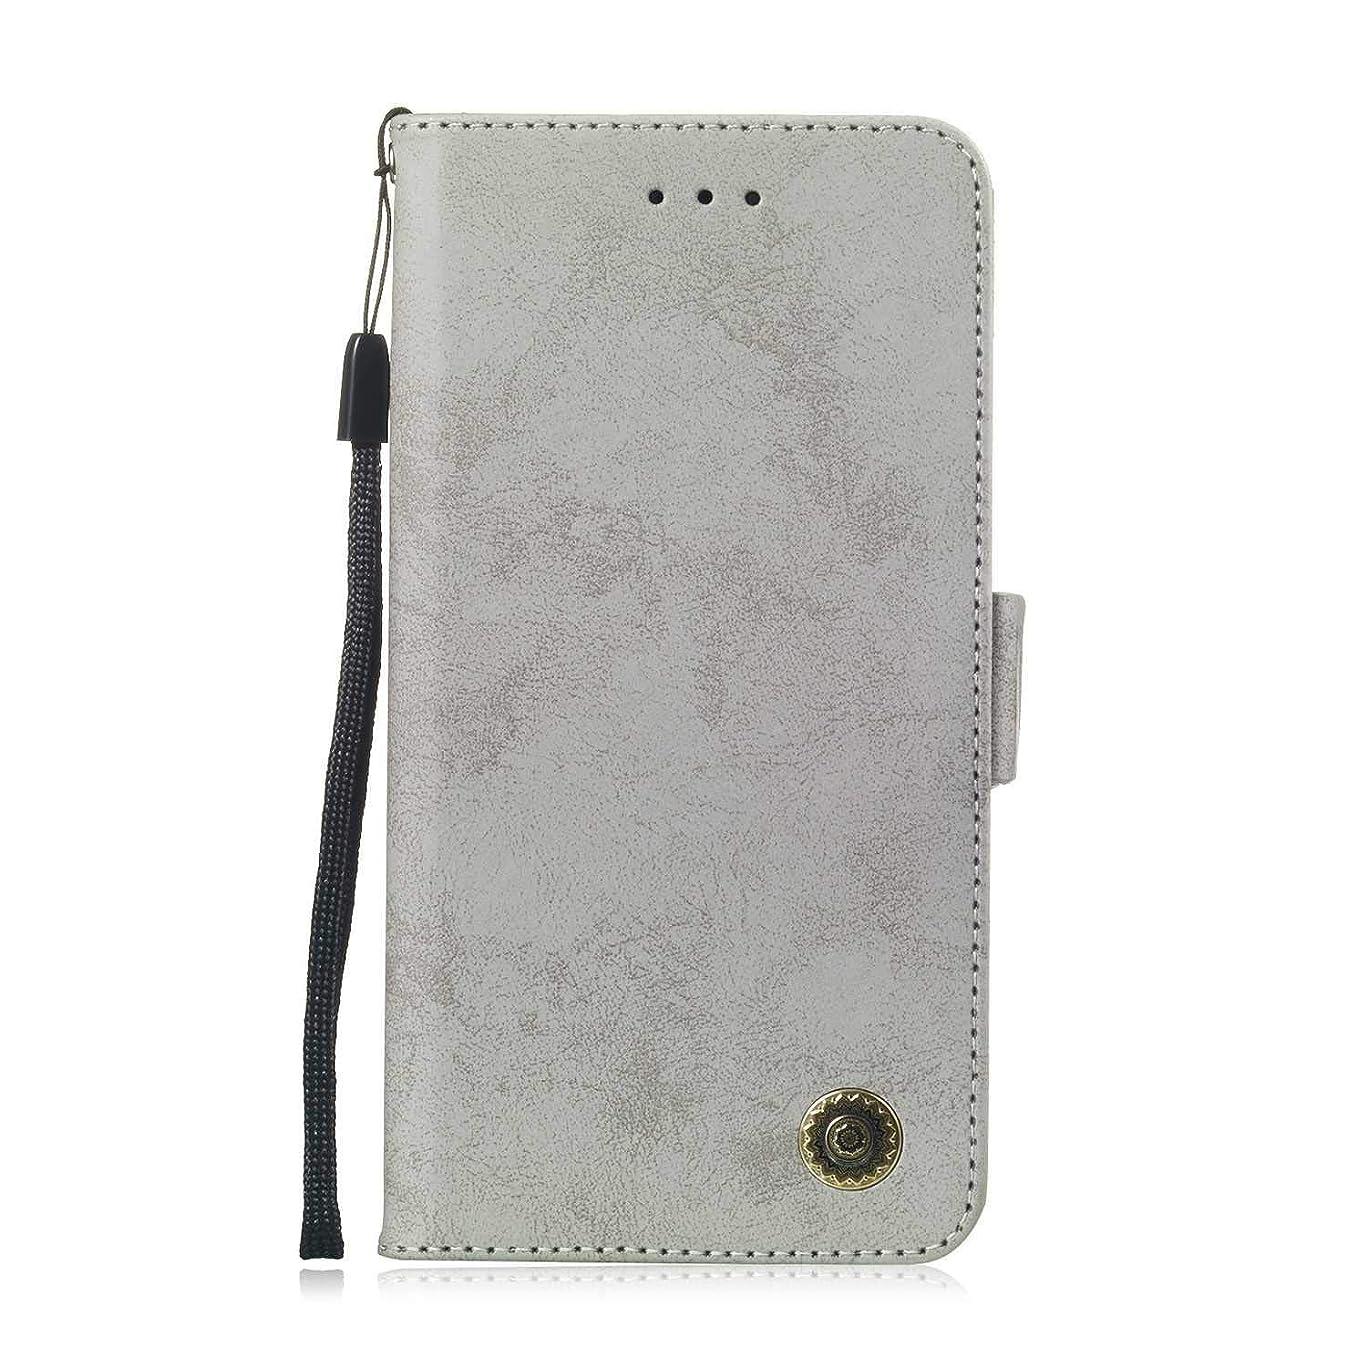 不名誉な実行可能主張Zeebox? Huawei Honor 8C 手帳型ケース Huawei Honor 8C 手帳型カバー 財布型 合皮PUレザー マグネット式 保護ケース カード収納 スタンド 機能 (グレー #5)